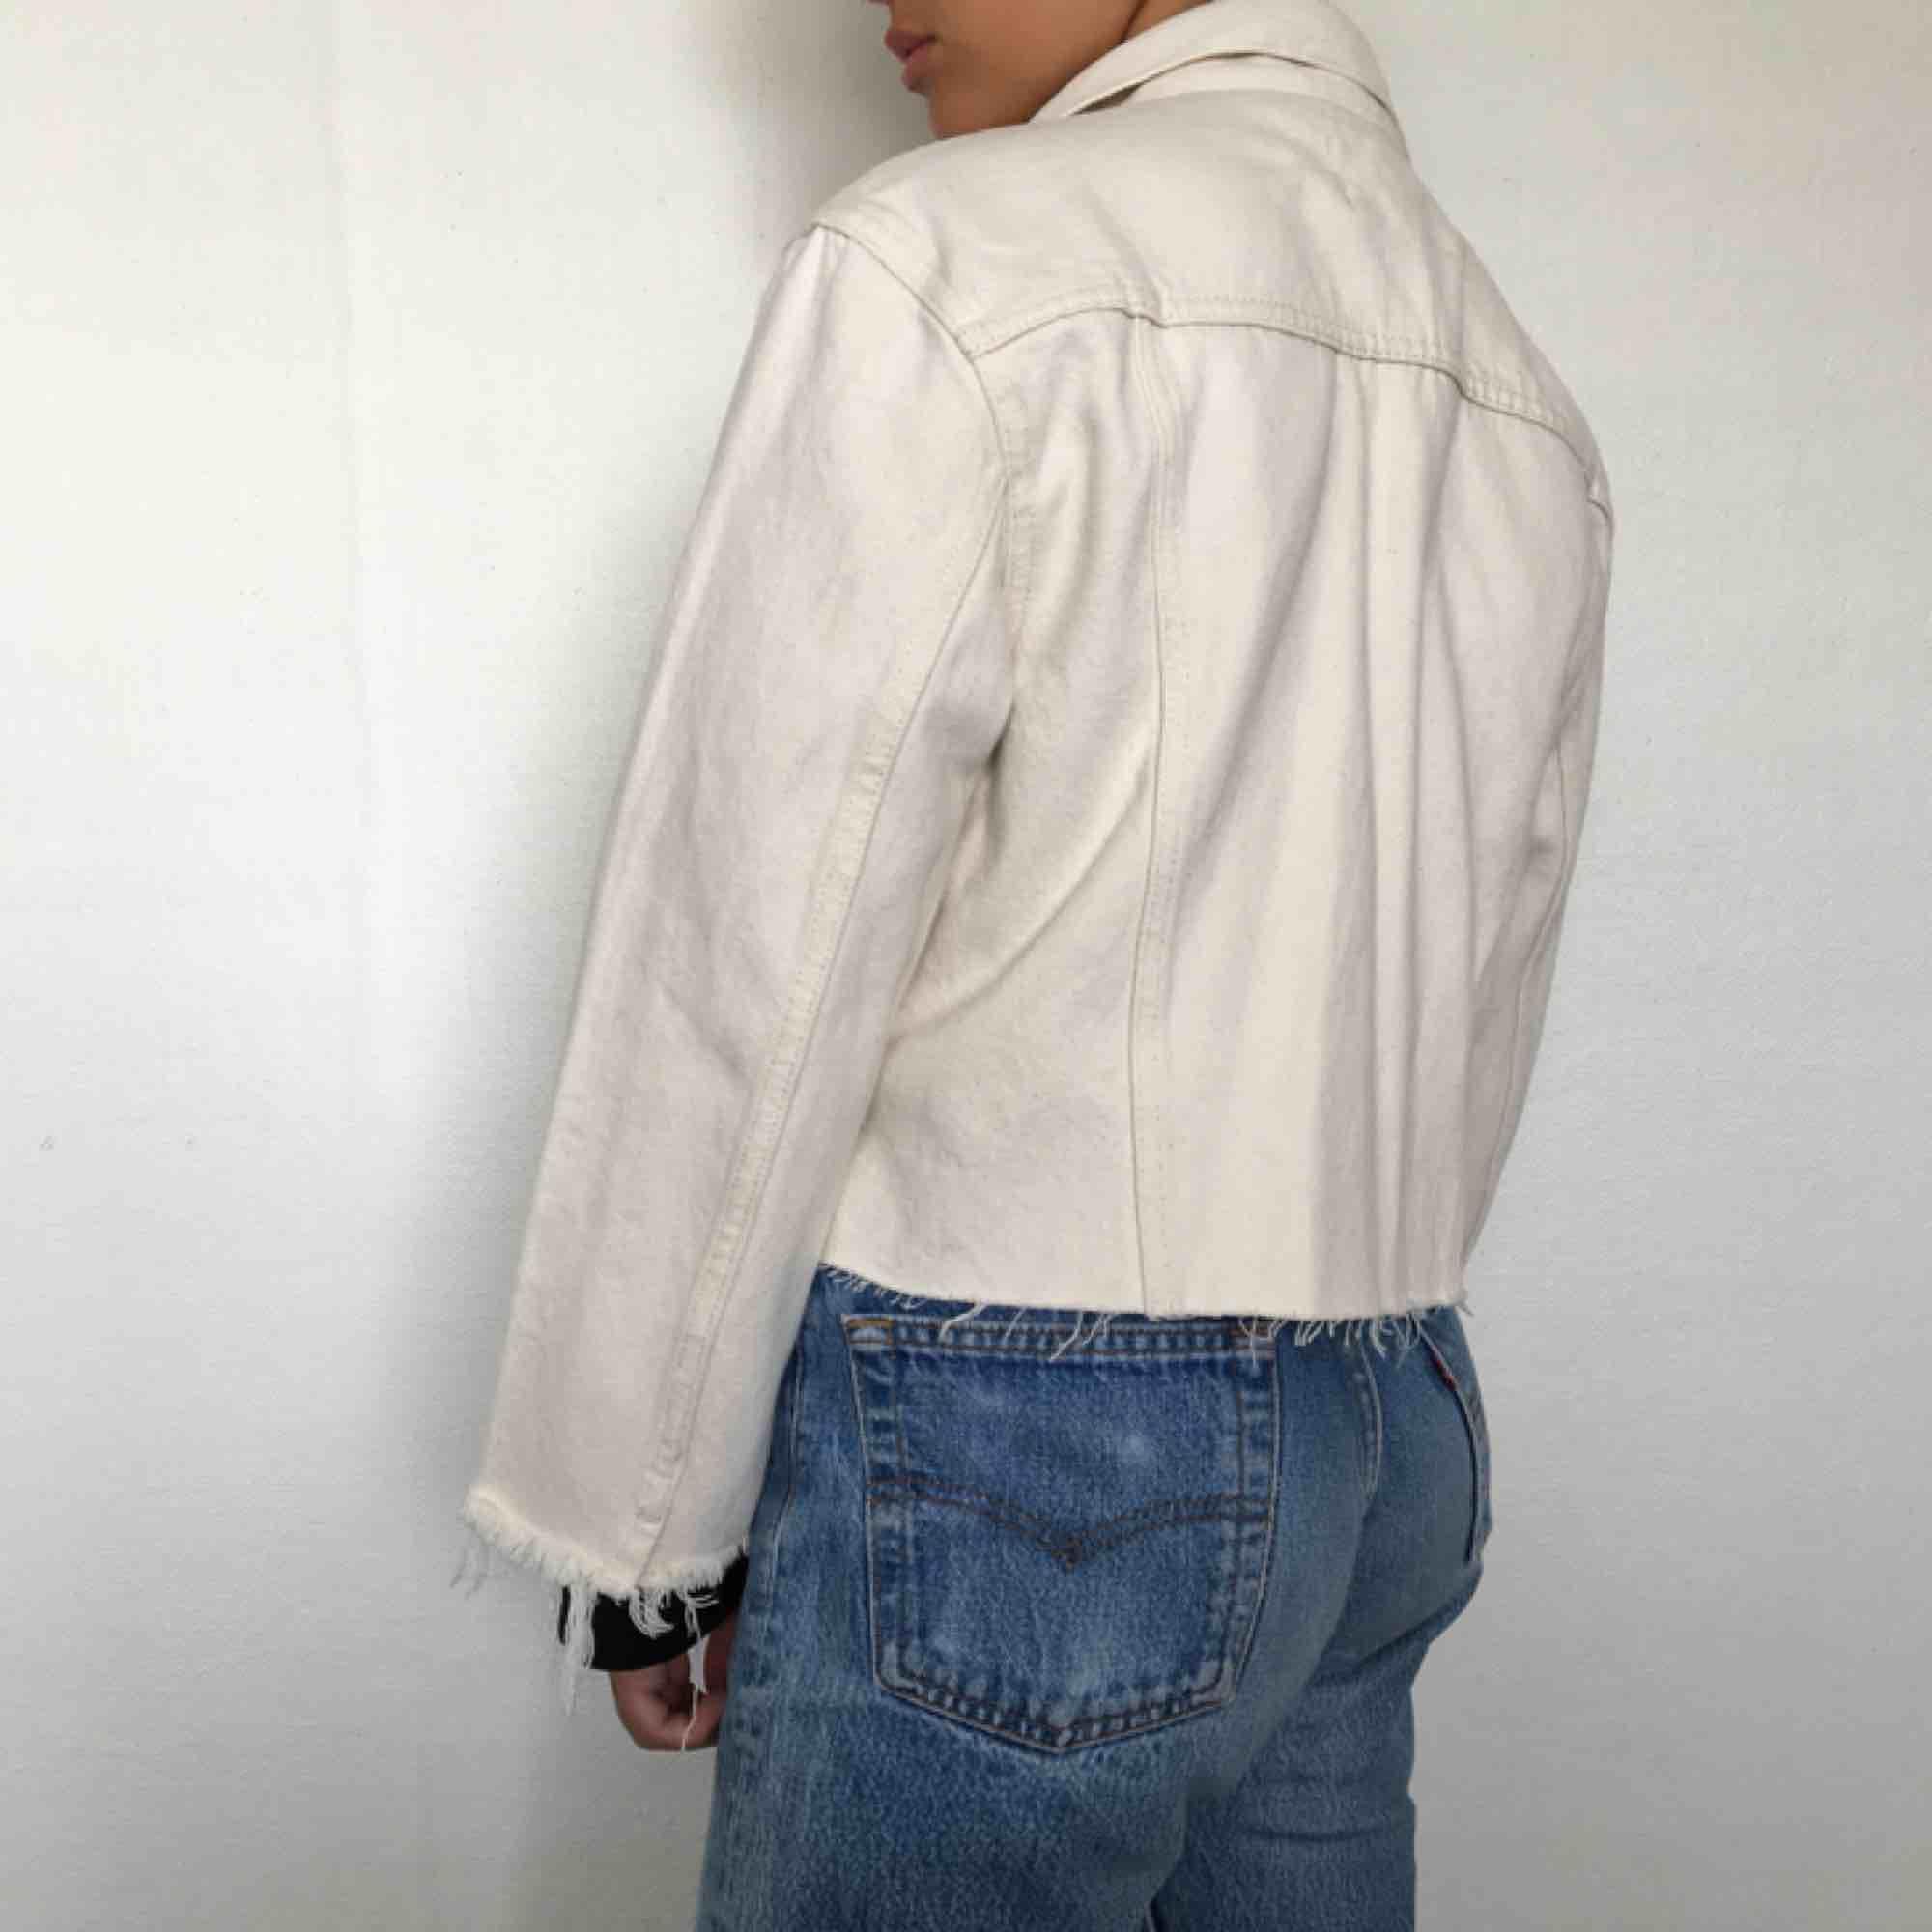 gräddvit croppad jeansjacka. även croppad i ärmarna. jag på bilden har vanligtvis xxs. frakt 50 kr. Jackor.